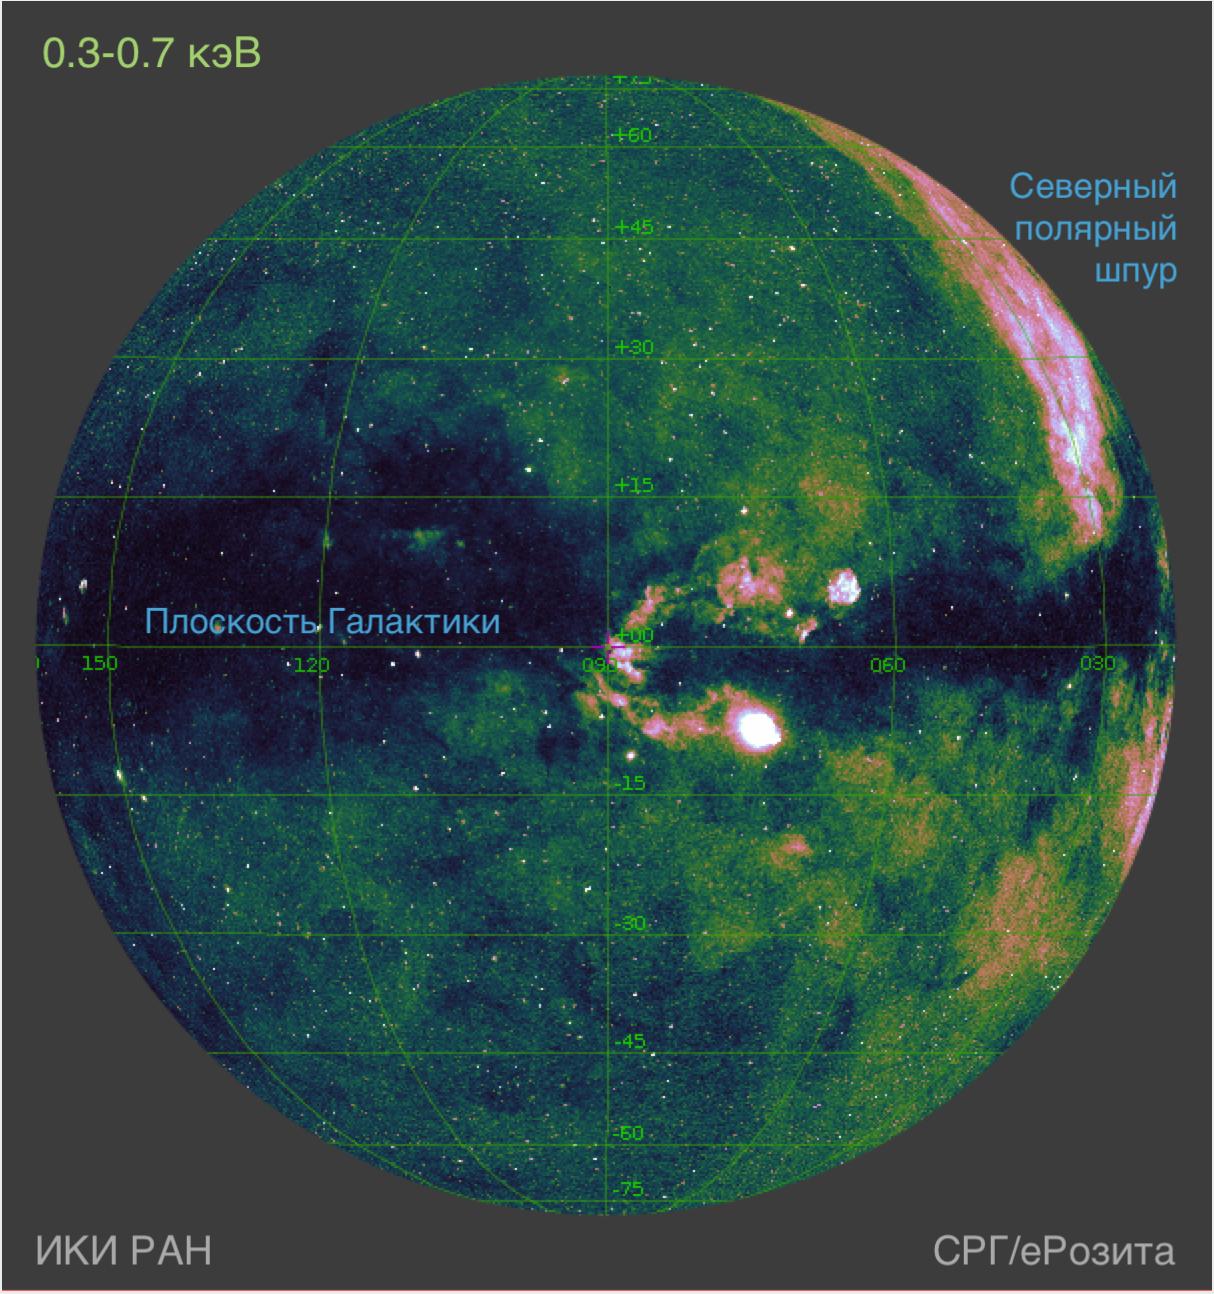 Spektr-RG_eROSITA_0.3-0.7keV_IKI-RAN_2020-06-12.png.1efc5bc9cb0c1424998a432d3d01f9a5.png